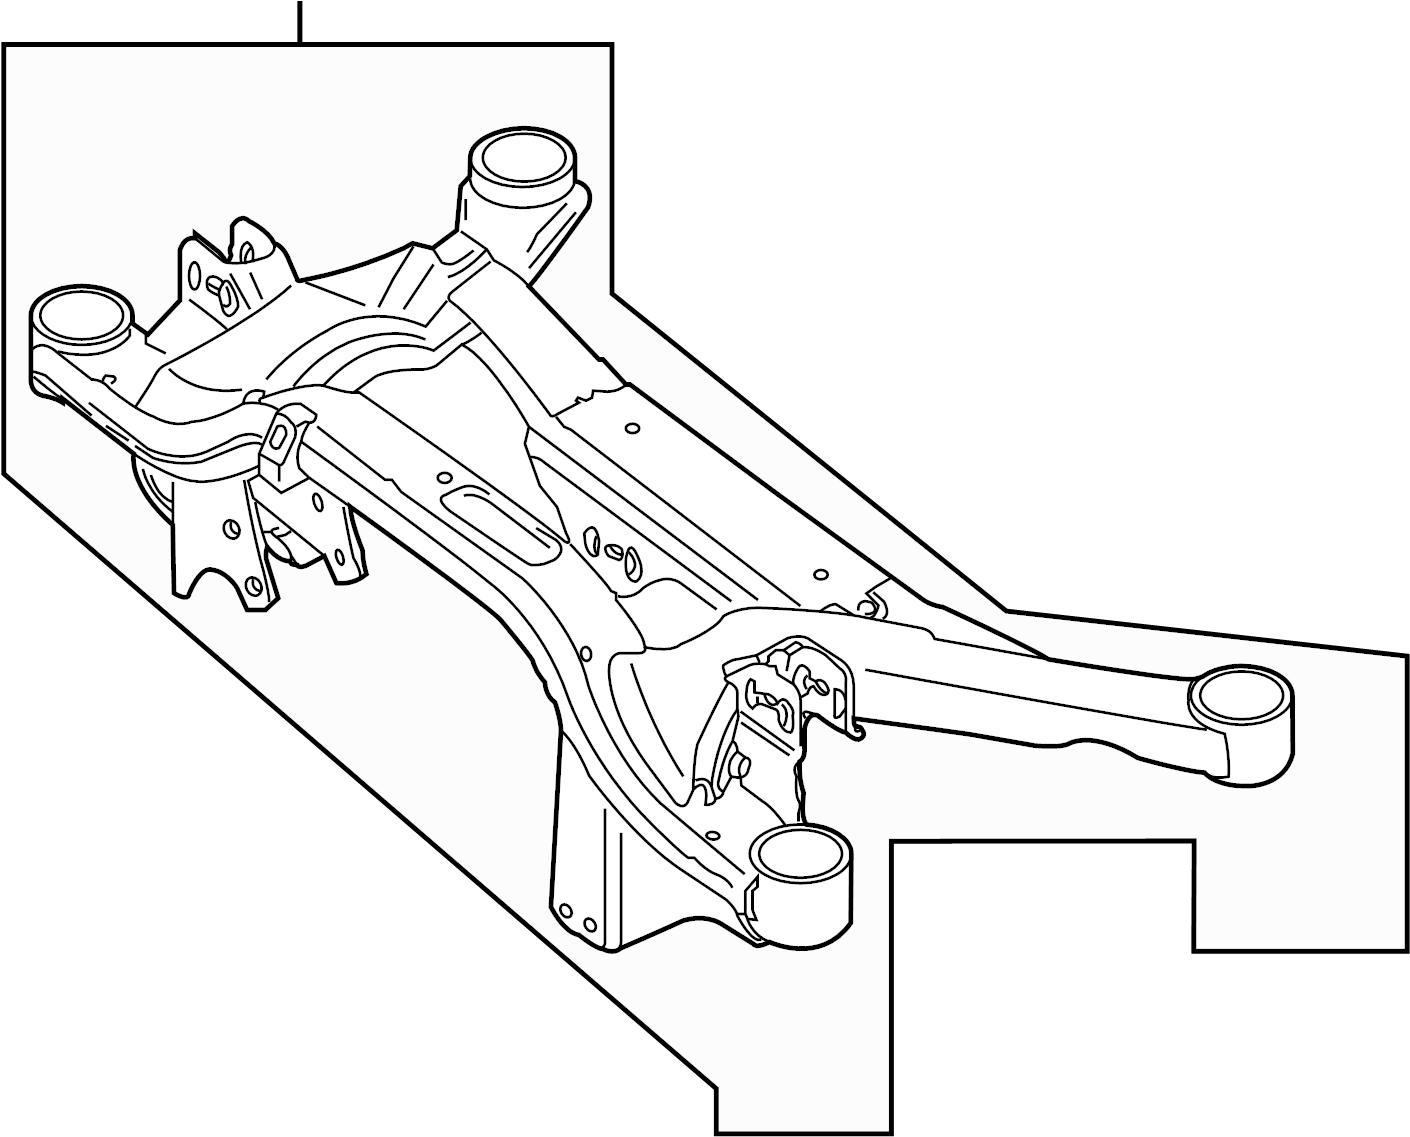 Volkswagen Vento Fuse Box Diagram Auto Electrical Wiring 1998 Pontiac Grand Prix Parts Cc Rear Suspension Diagrams